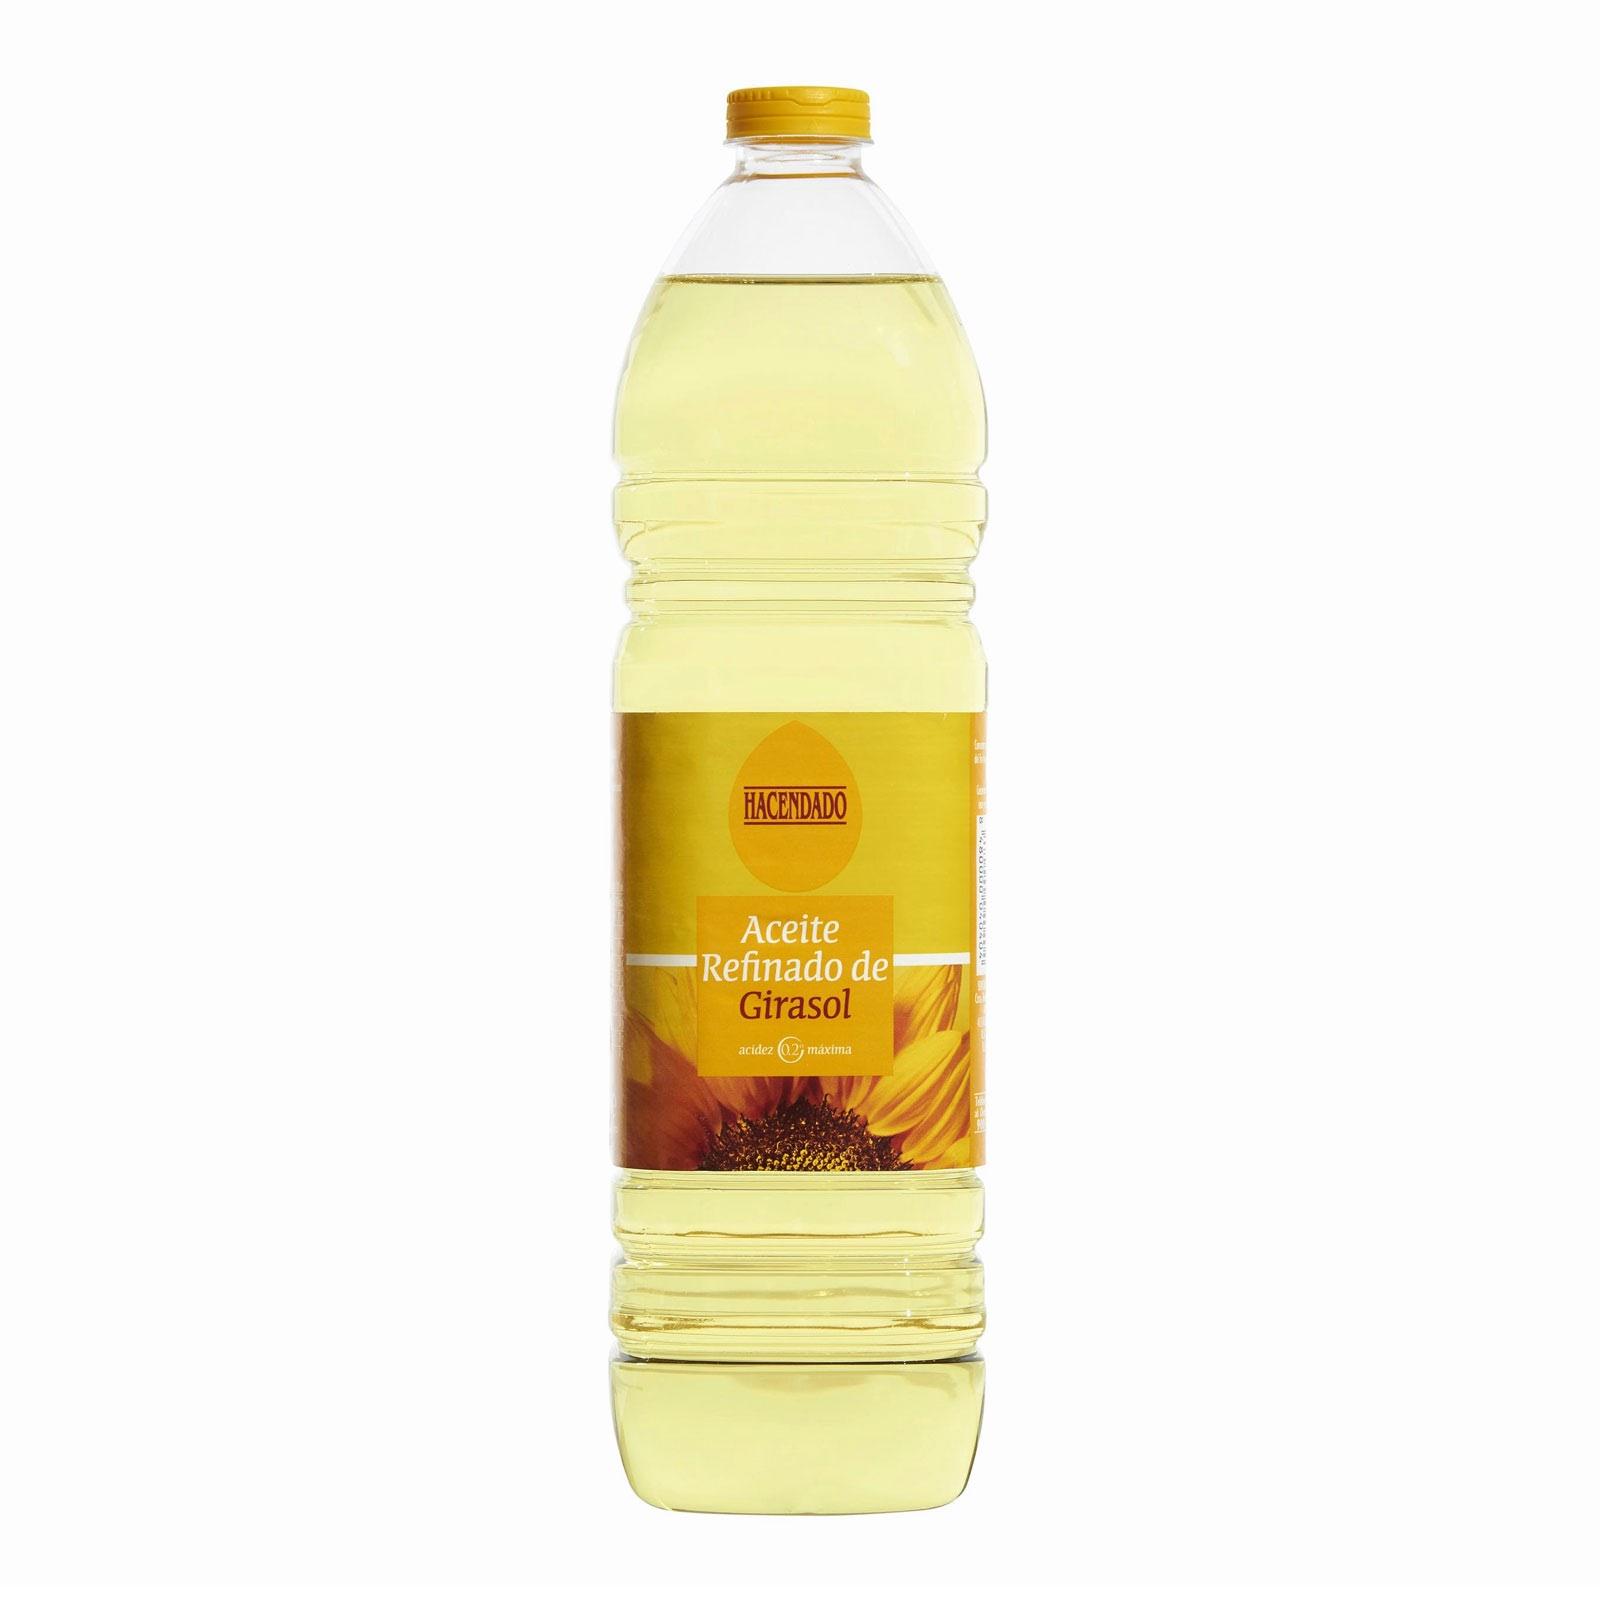 Aceite refinado de girasol Hacendado